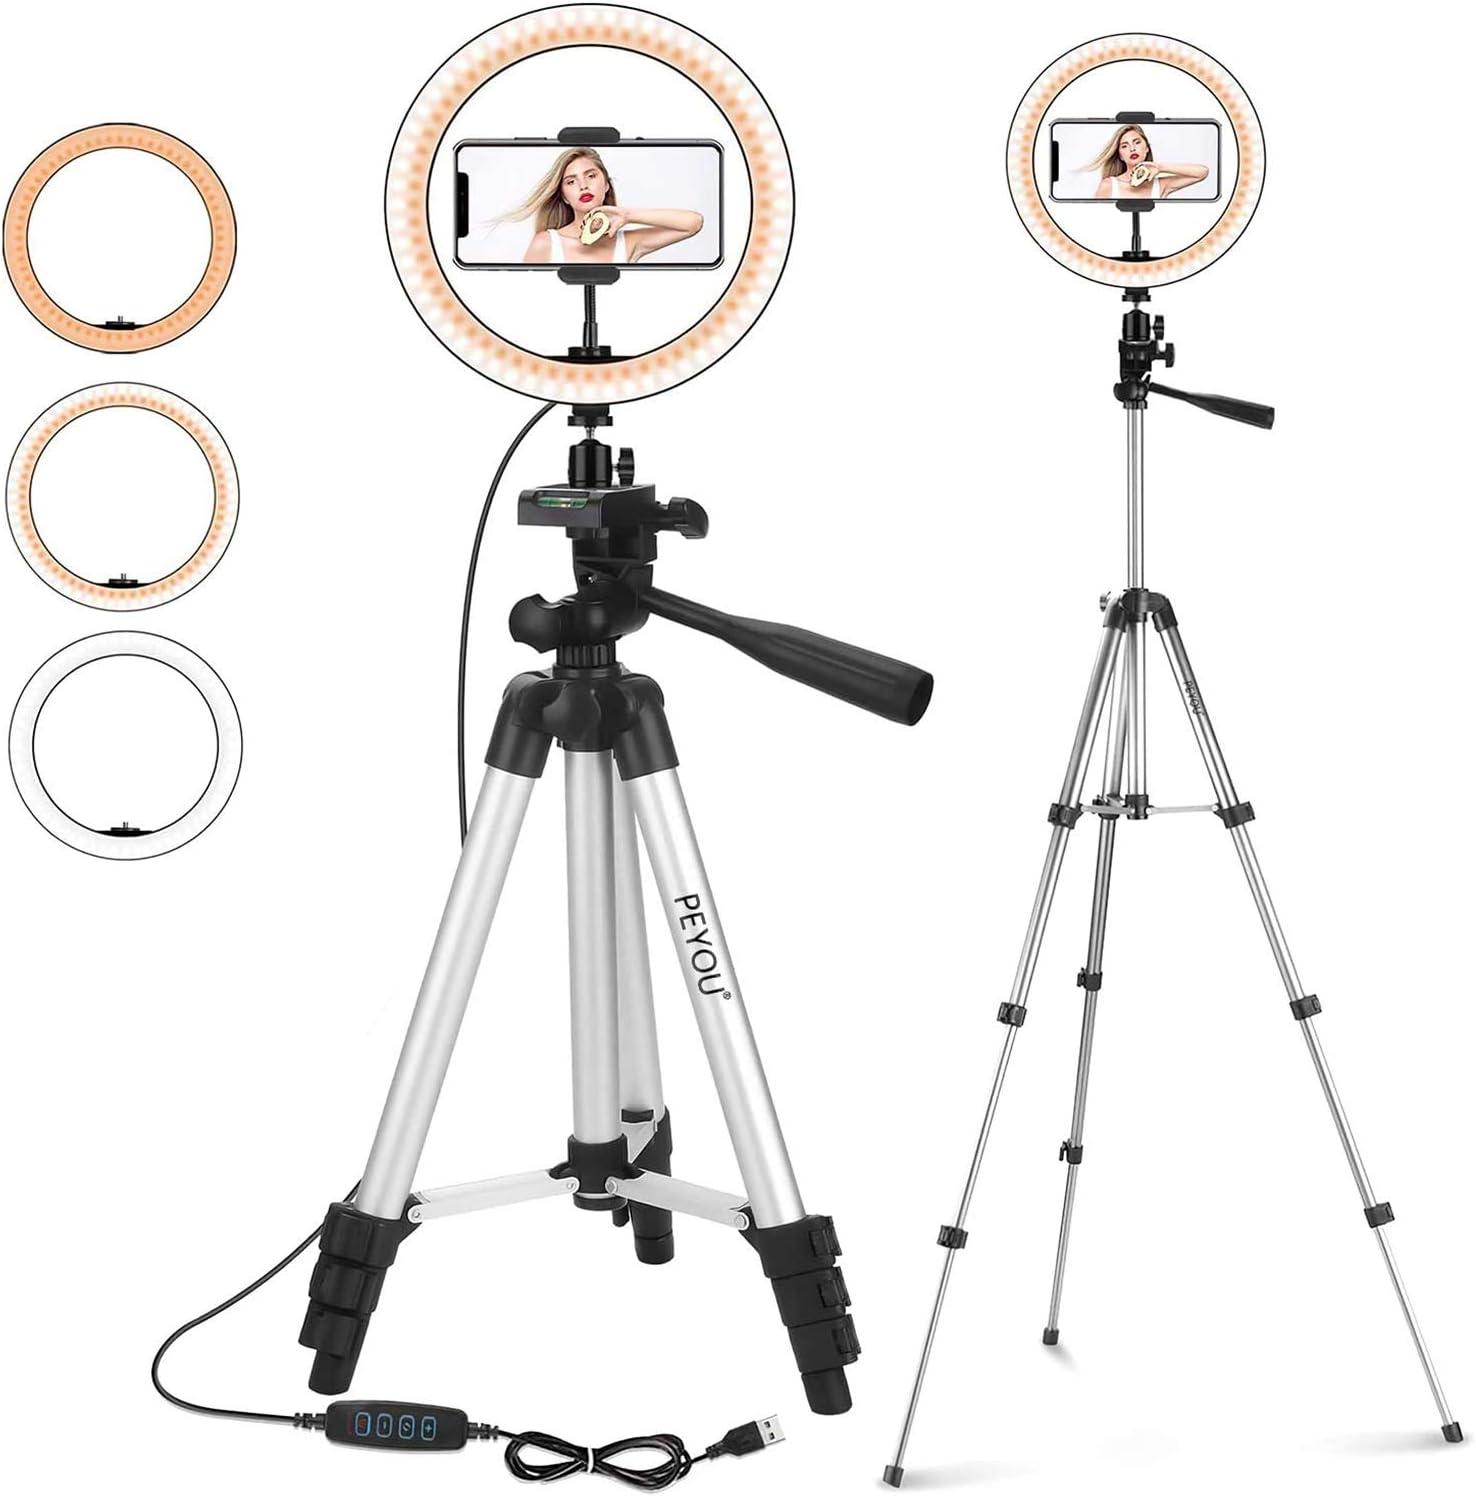 Live Stream Regulable Ring Light para Youtube Video RGB Aro de Luz con Tr/ípode y Soporte para Tel/éfono Celular Frontoppy 10.2 Anillo de Luz Selfie Led para iPhone y Android Makeup